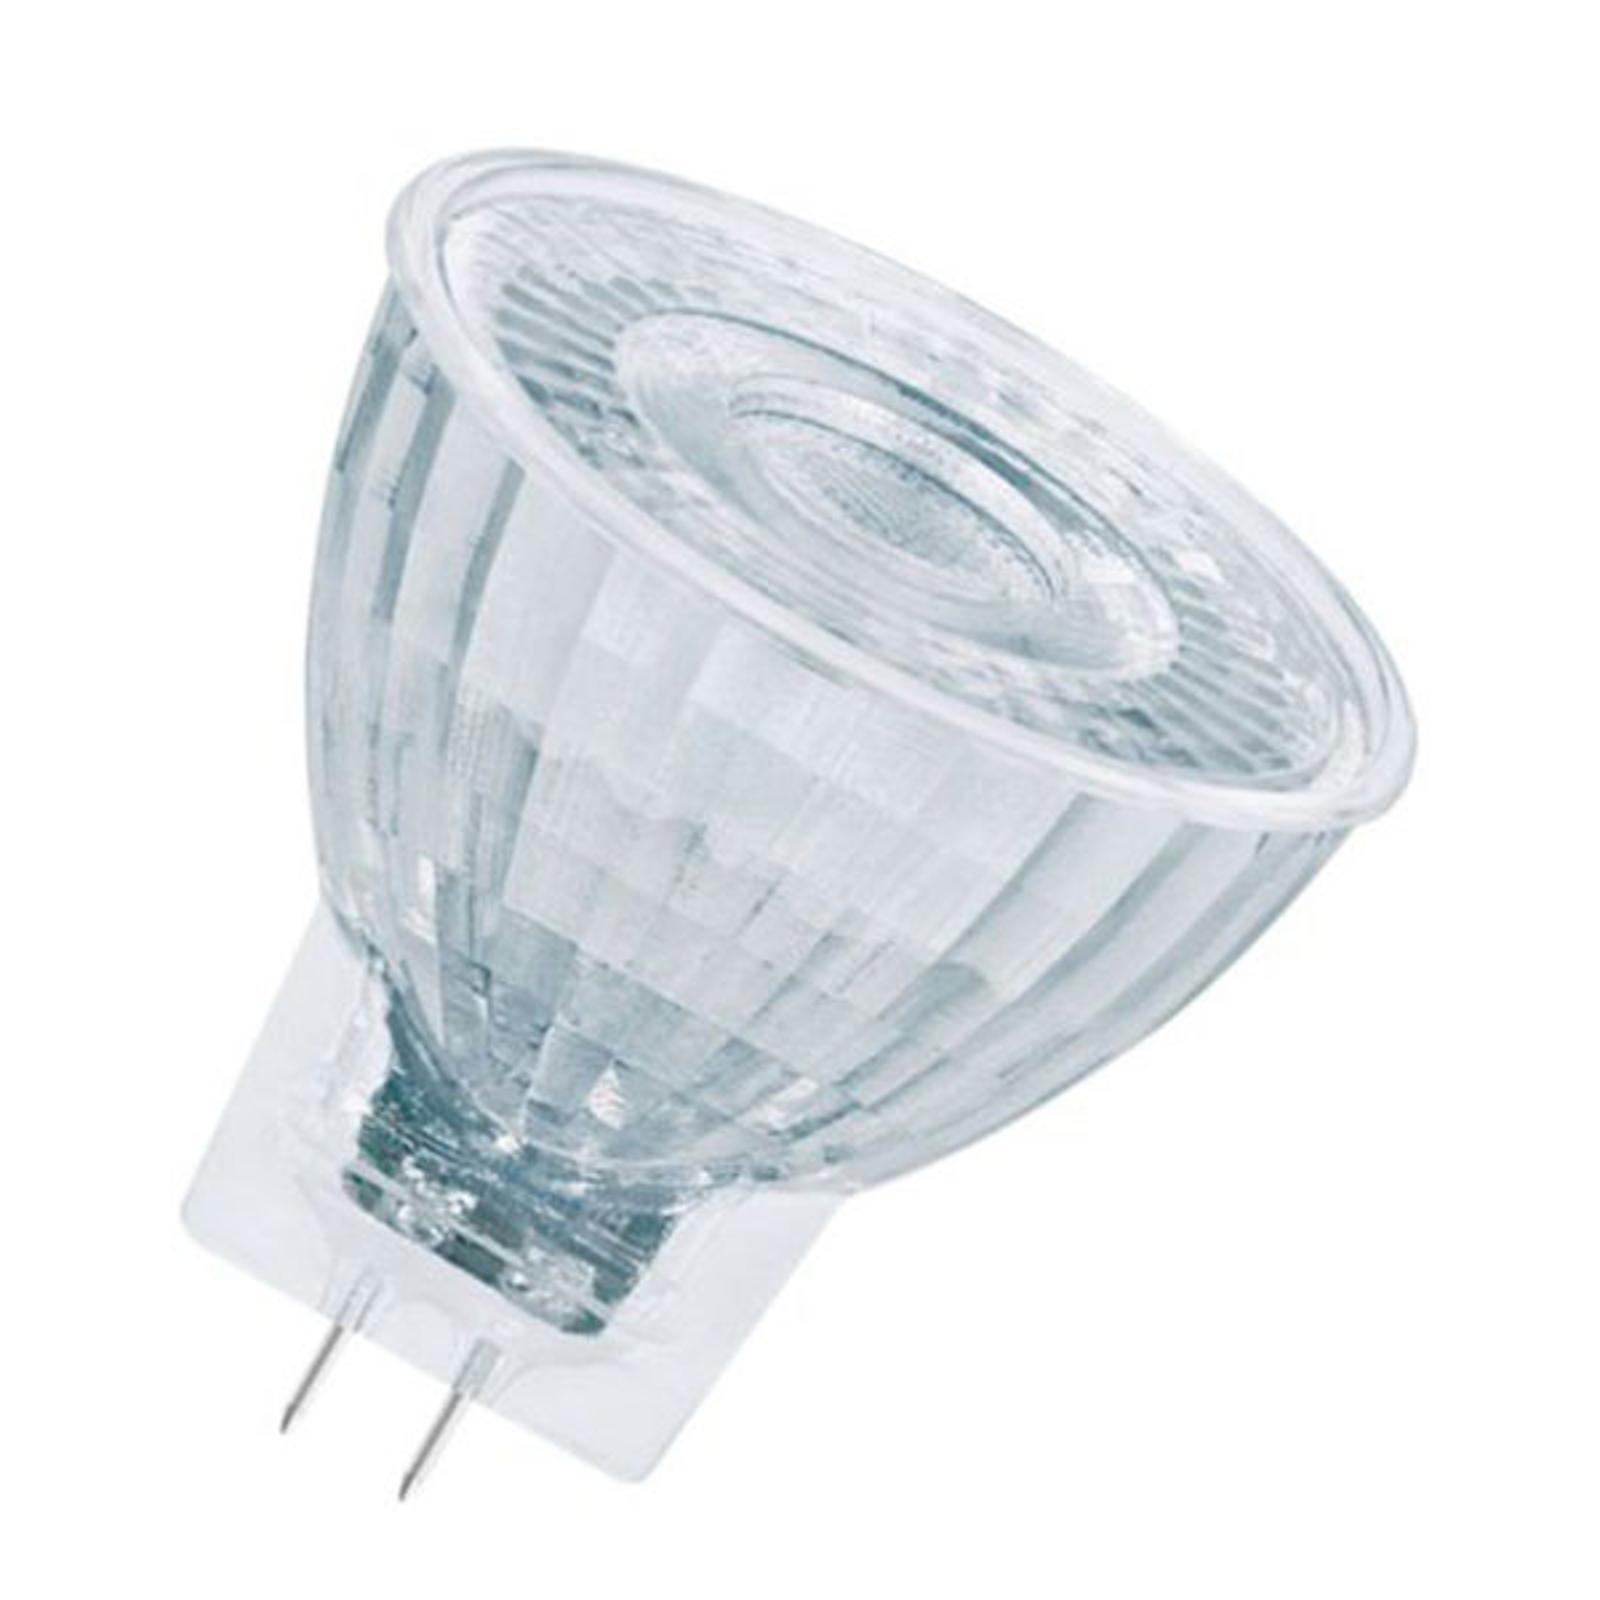 OSRAM reflektor LED GU4 MR11 2,5W 2700K